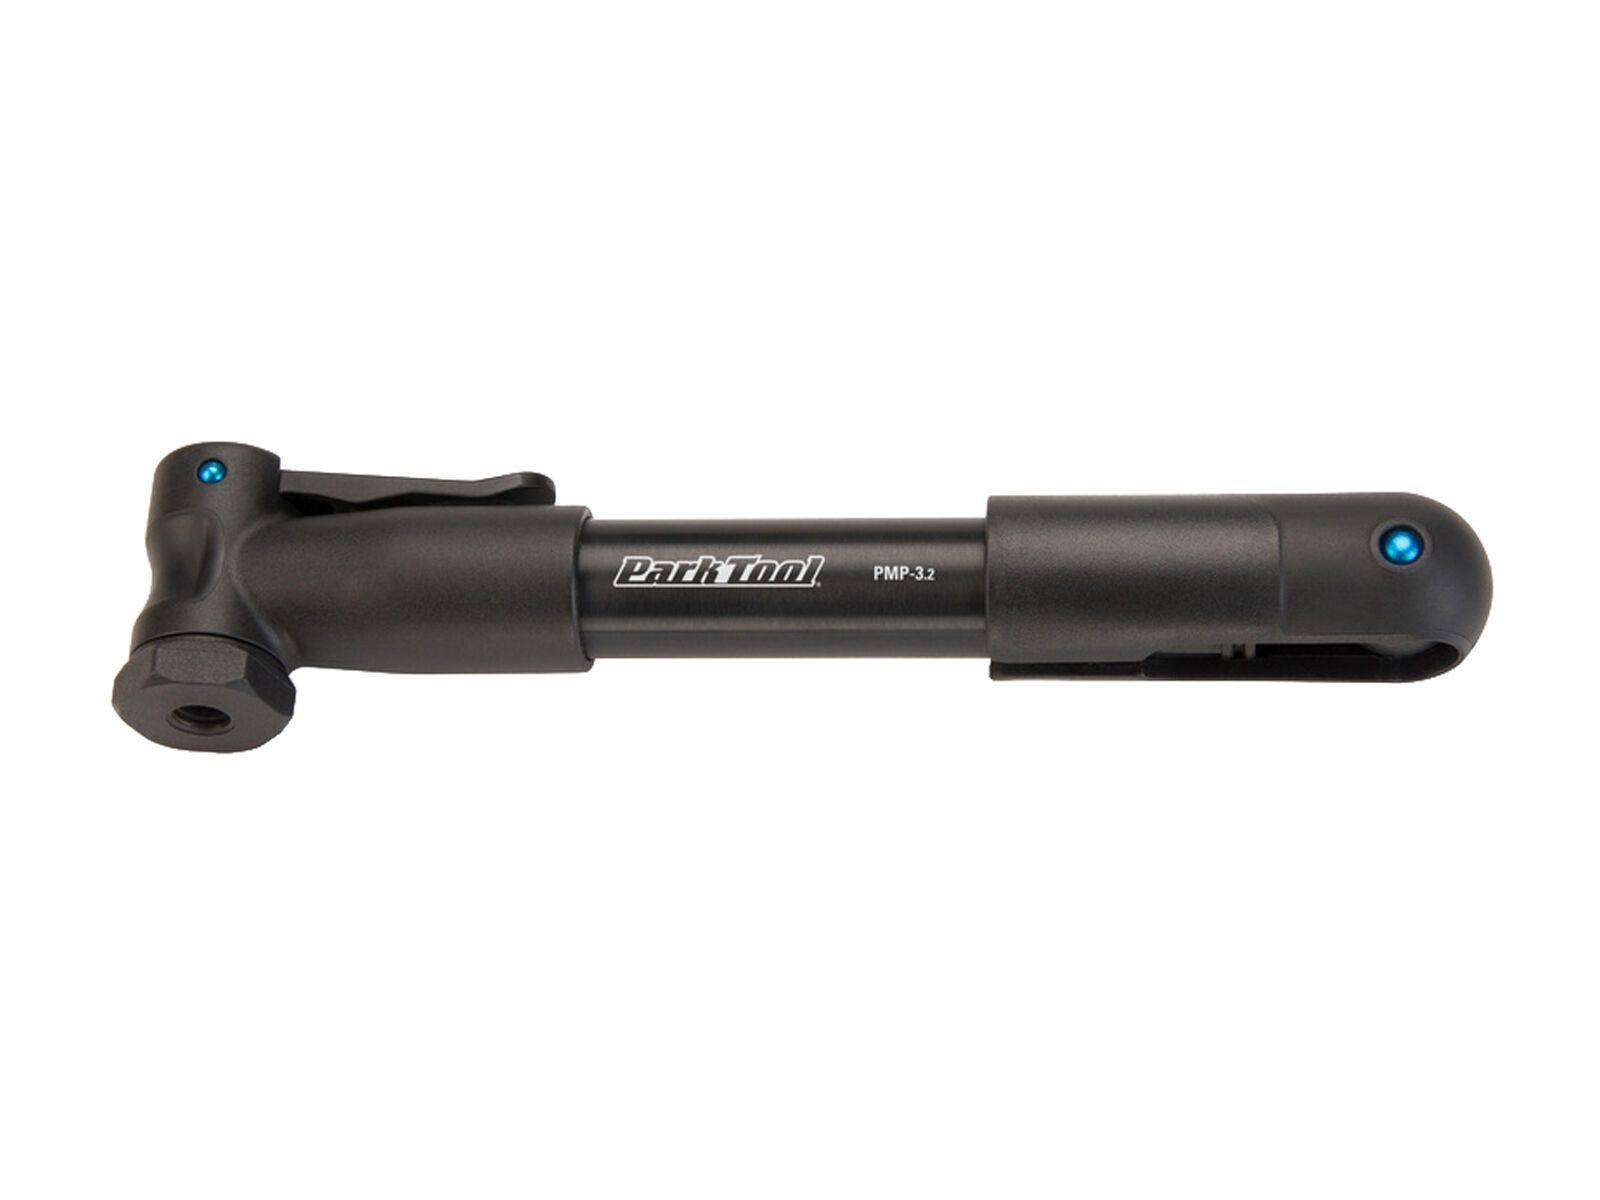 Park Tool PMP-3.2 Micro Pump, black - Luftpumpe 4001870